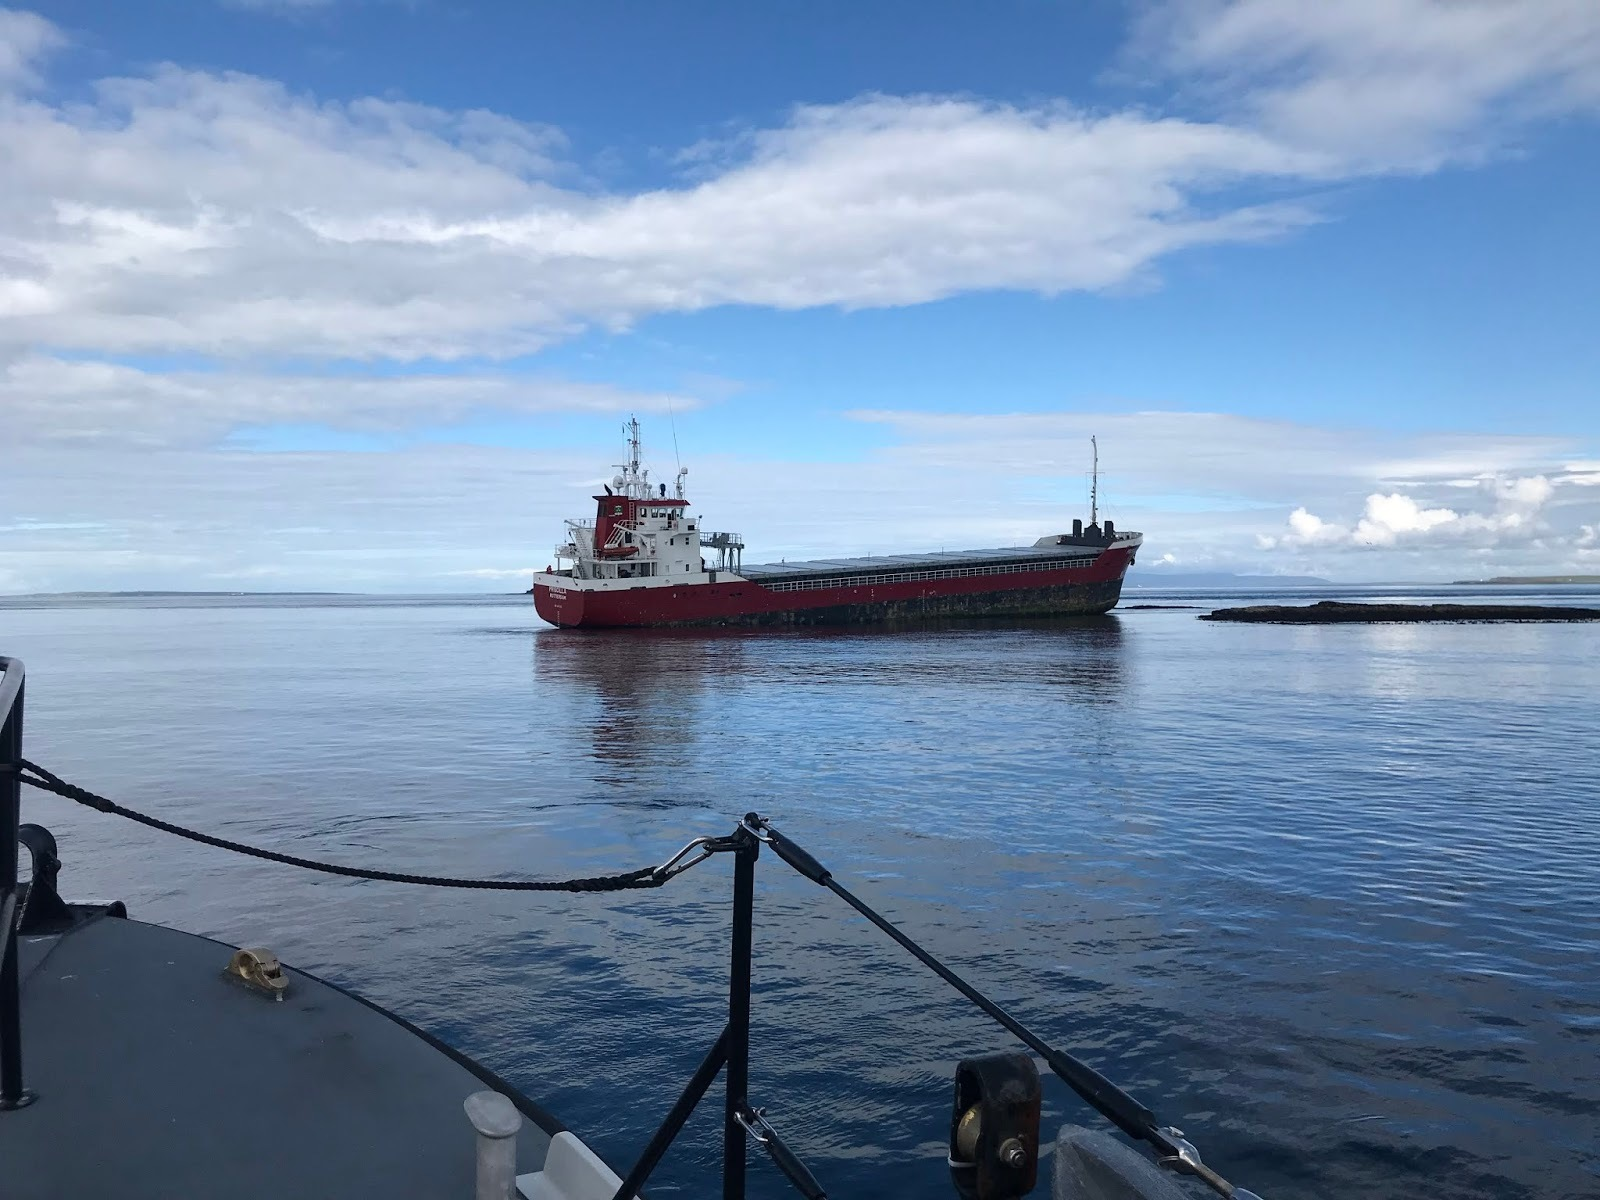 The Priscilla cargo ship has run agroundnear the Pentland Skerries.